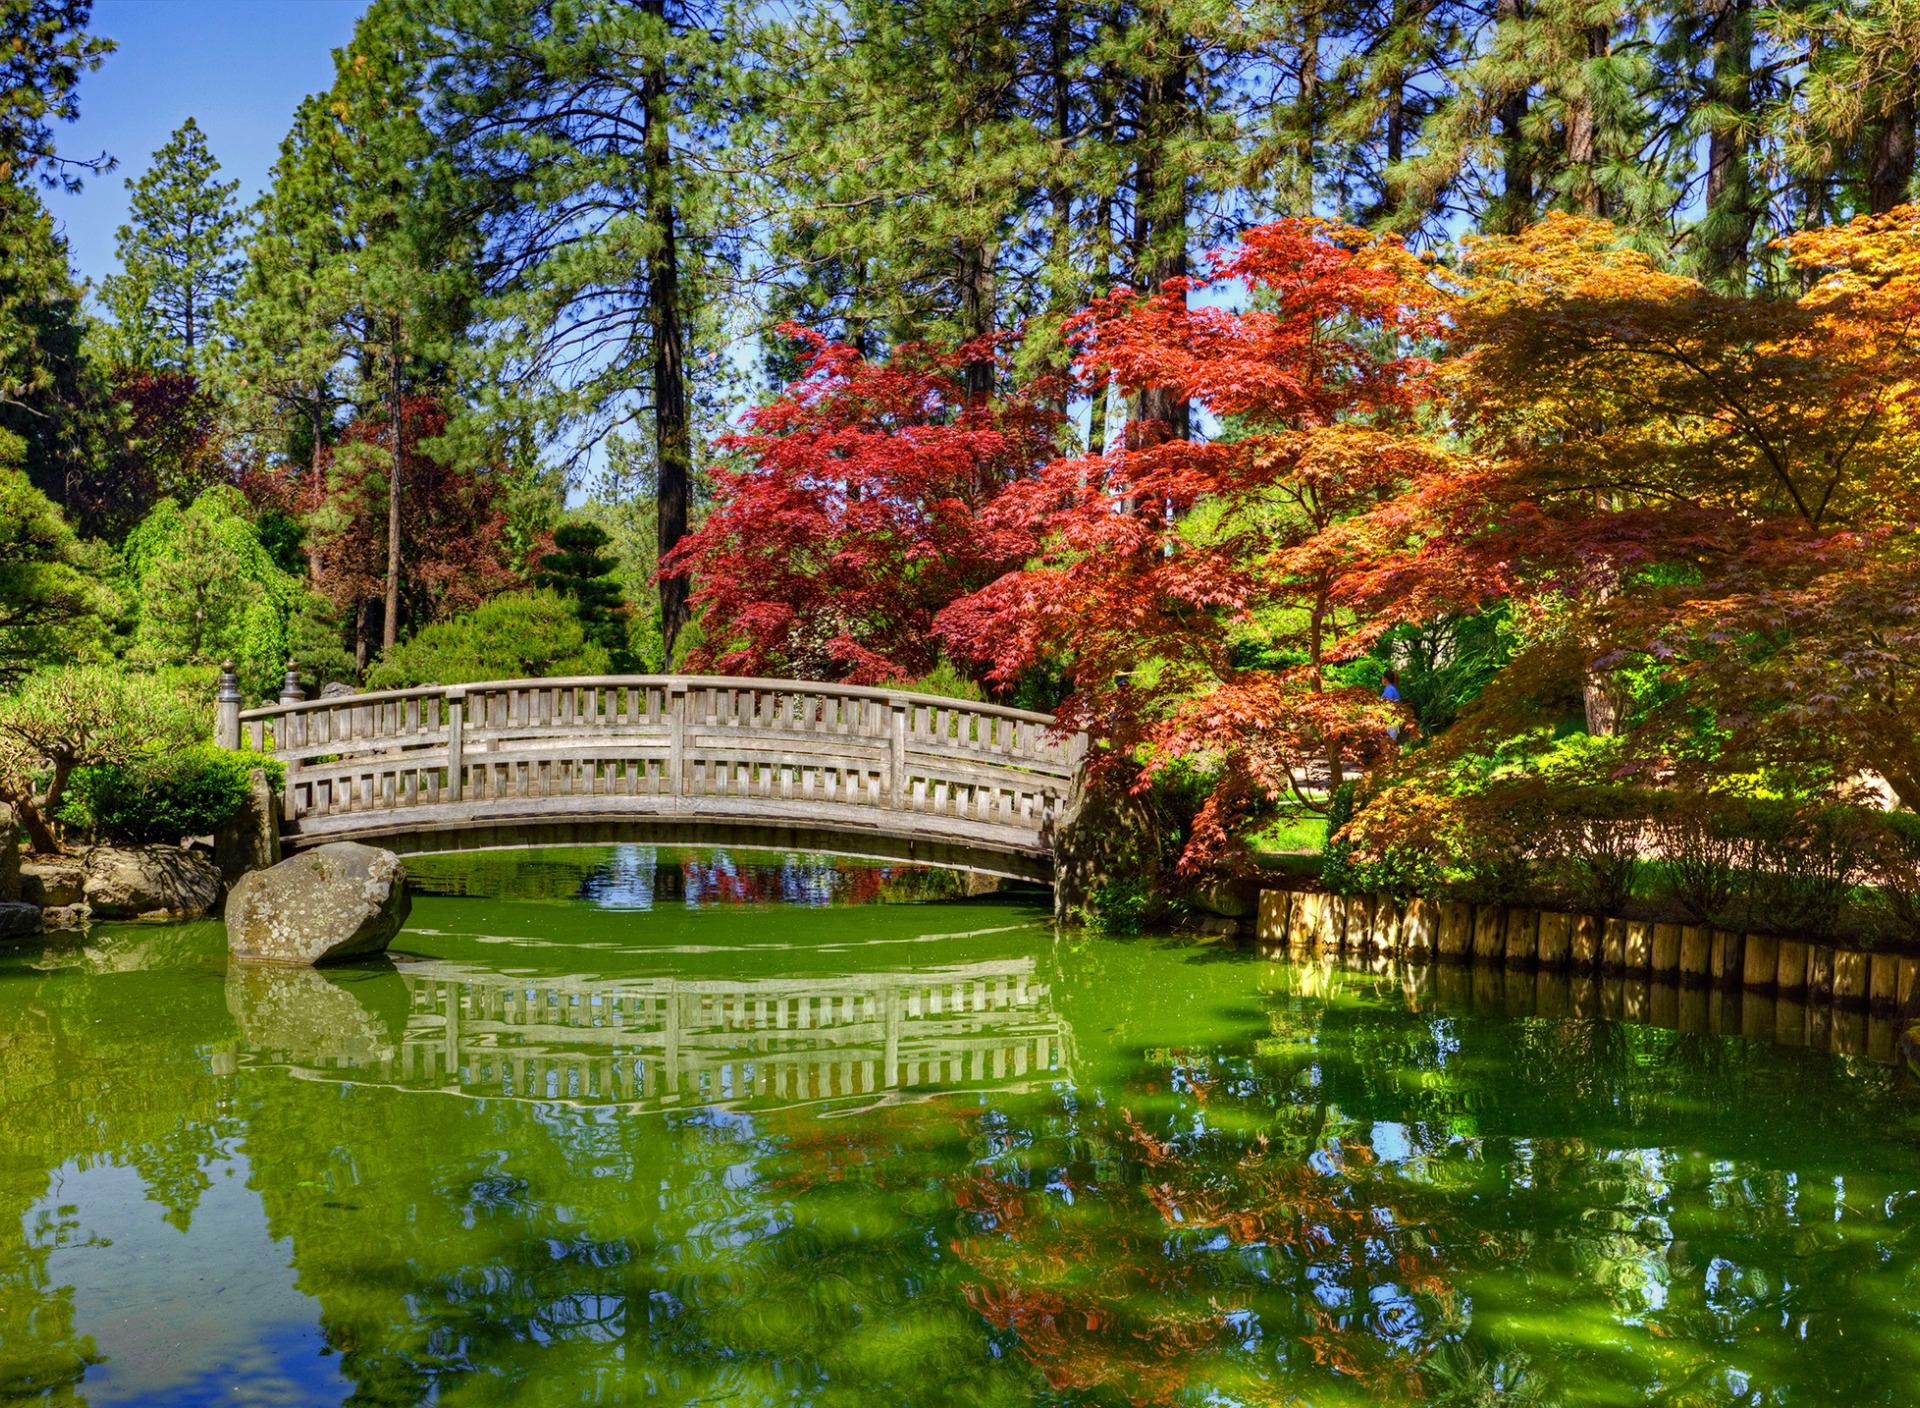 цветные фотографии красивых мостиков в парках два задних колеса